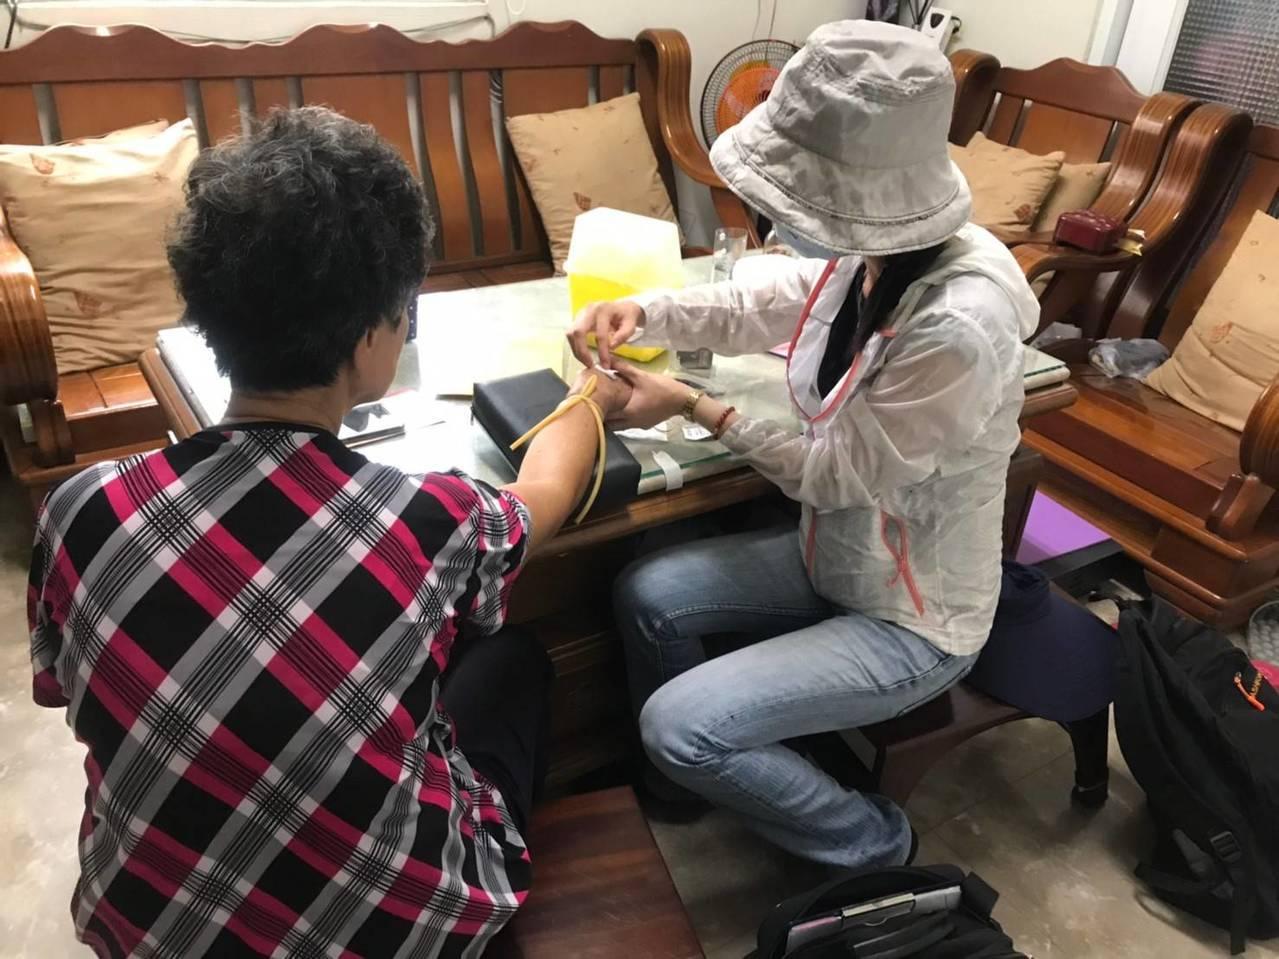 高雄市衛生局進行疫調採血。圖/高雄市衛生局提供